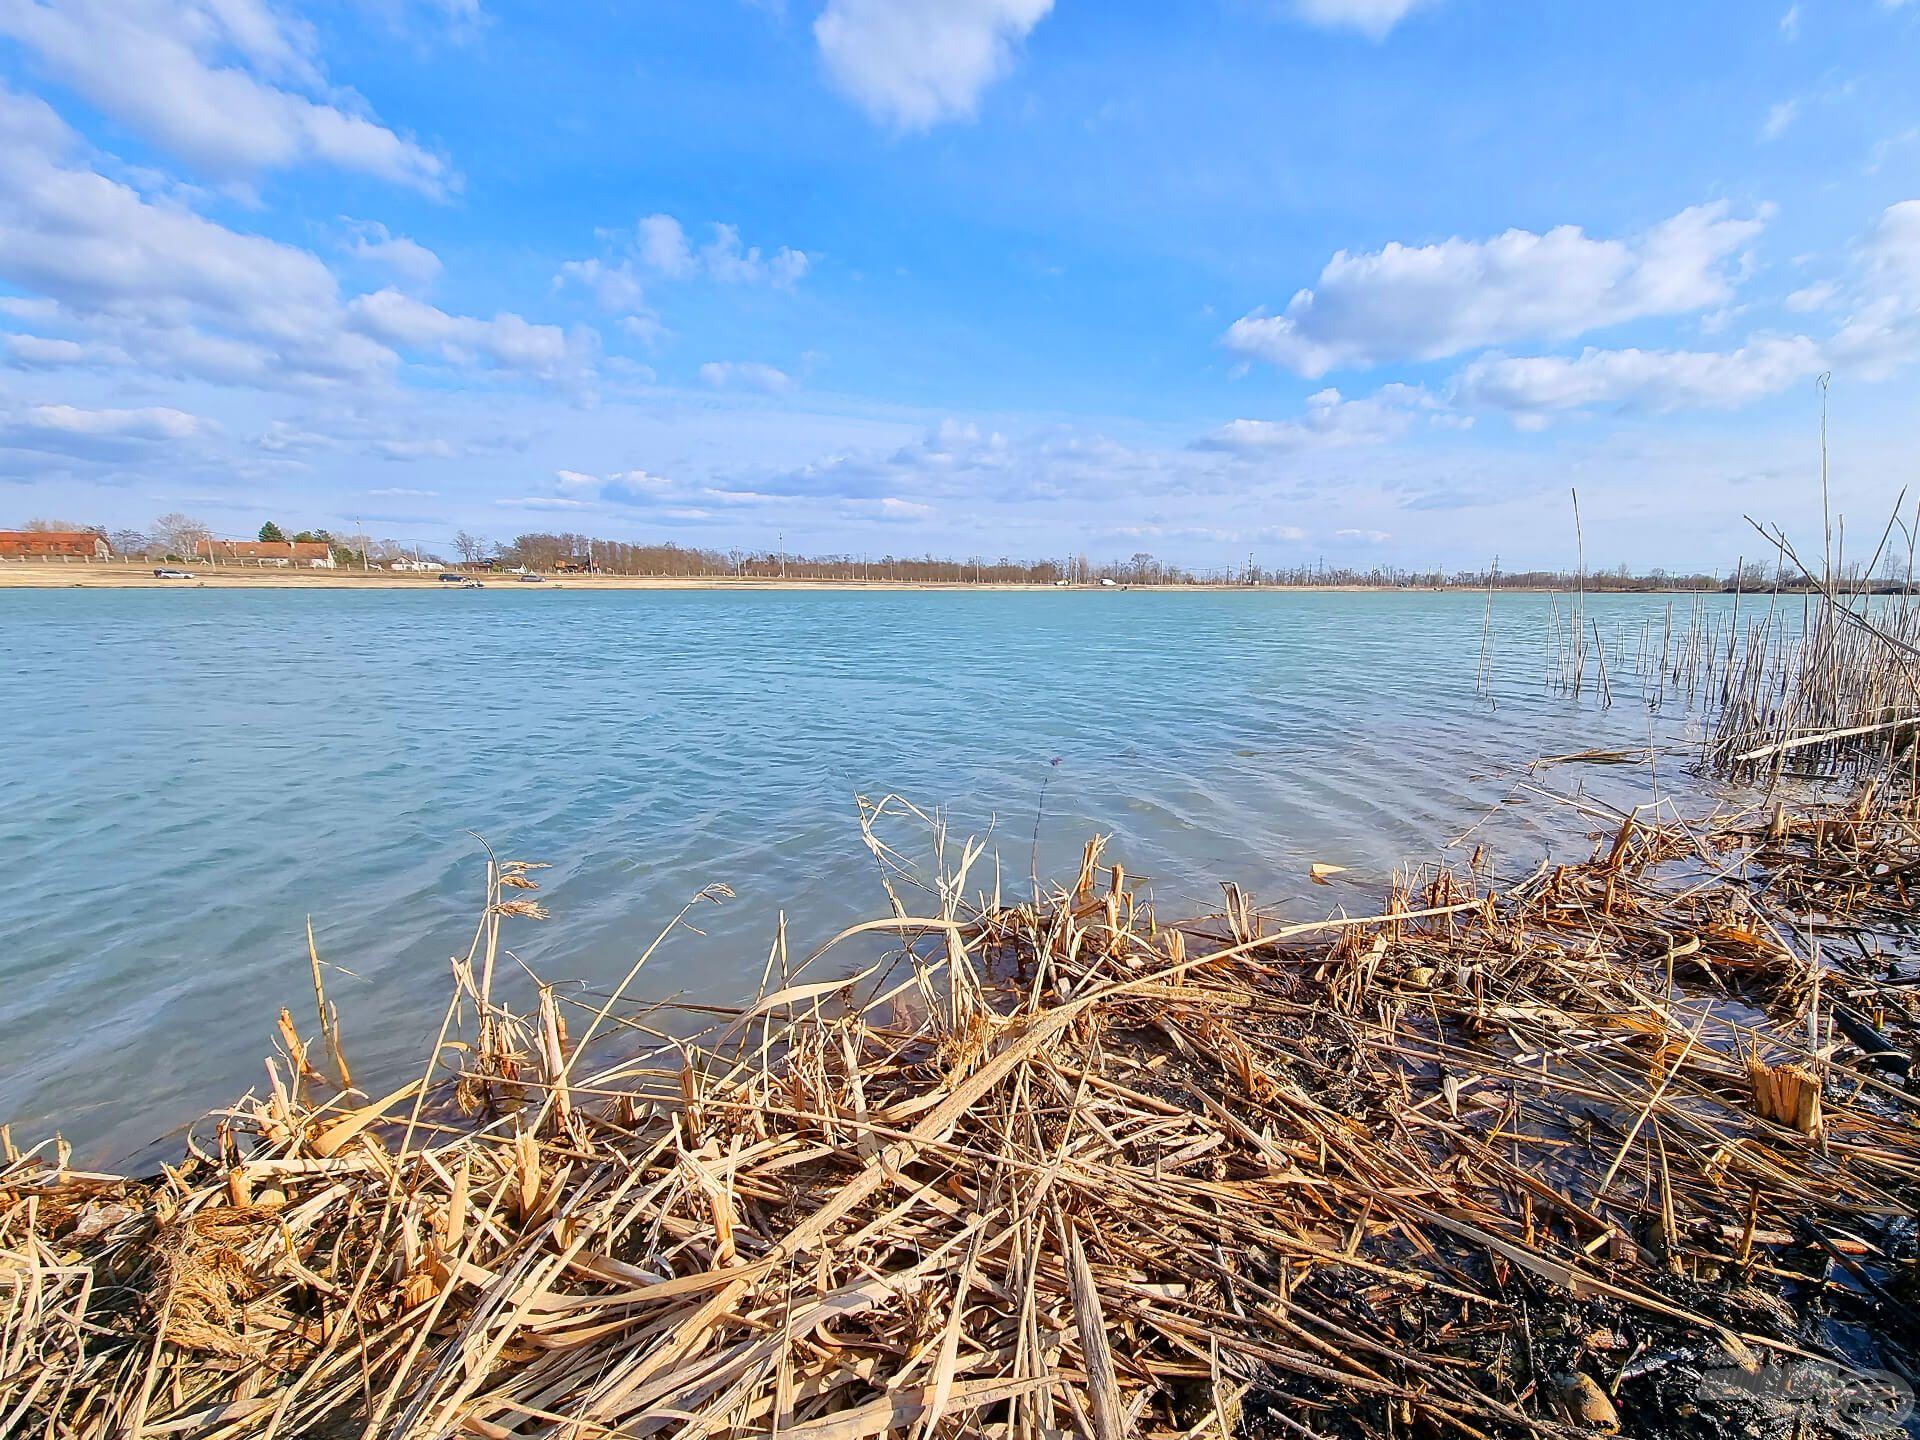 A tó jelenleg még tavaszi köntösben, de nyáron már teljes pompájában, nádassal körülölelve várja az ideérkezőket